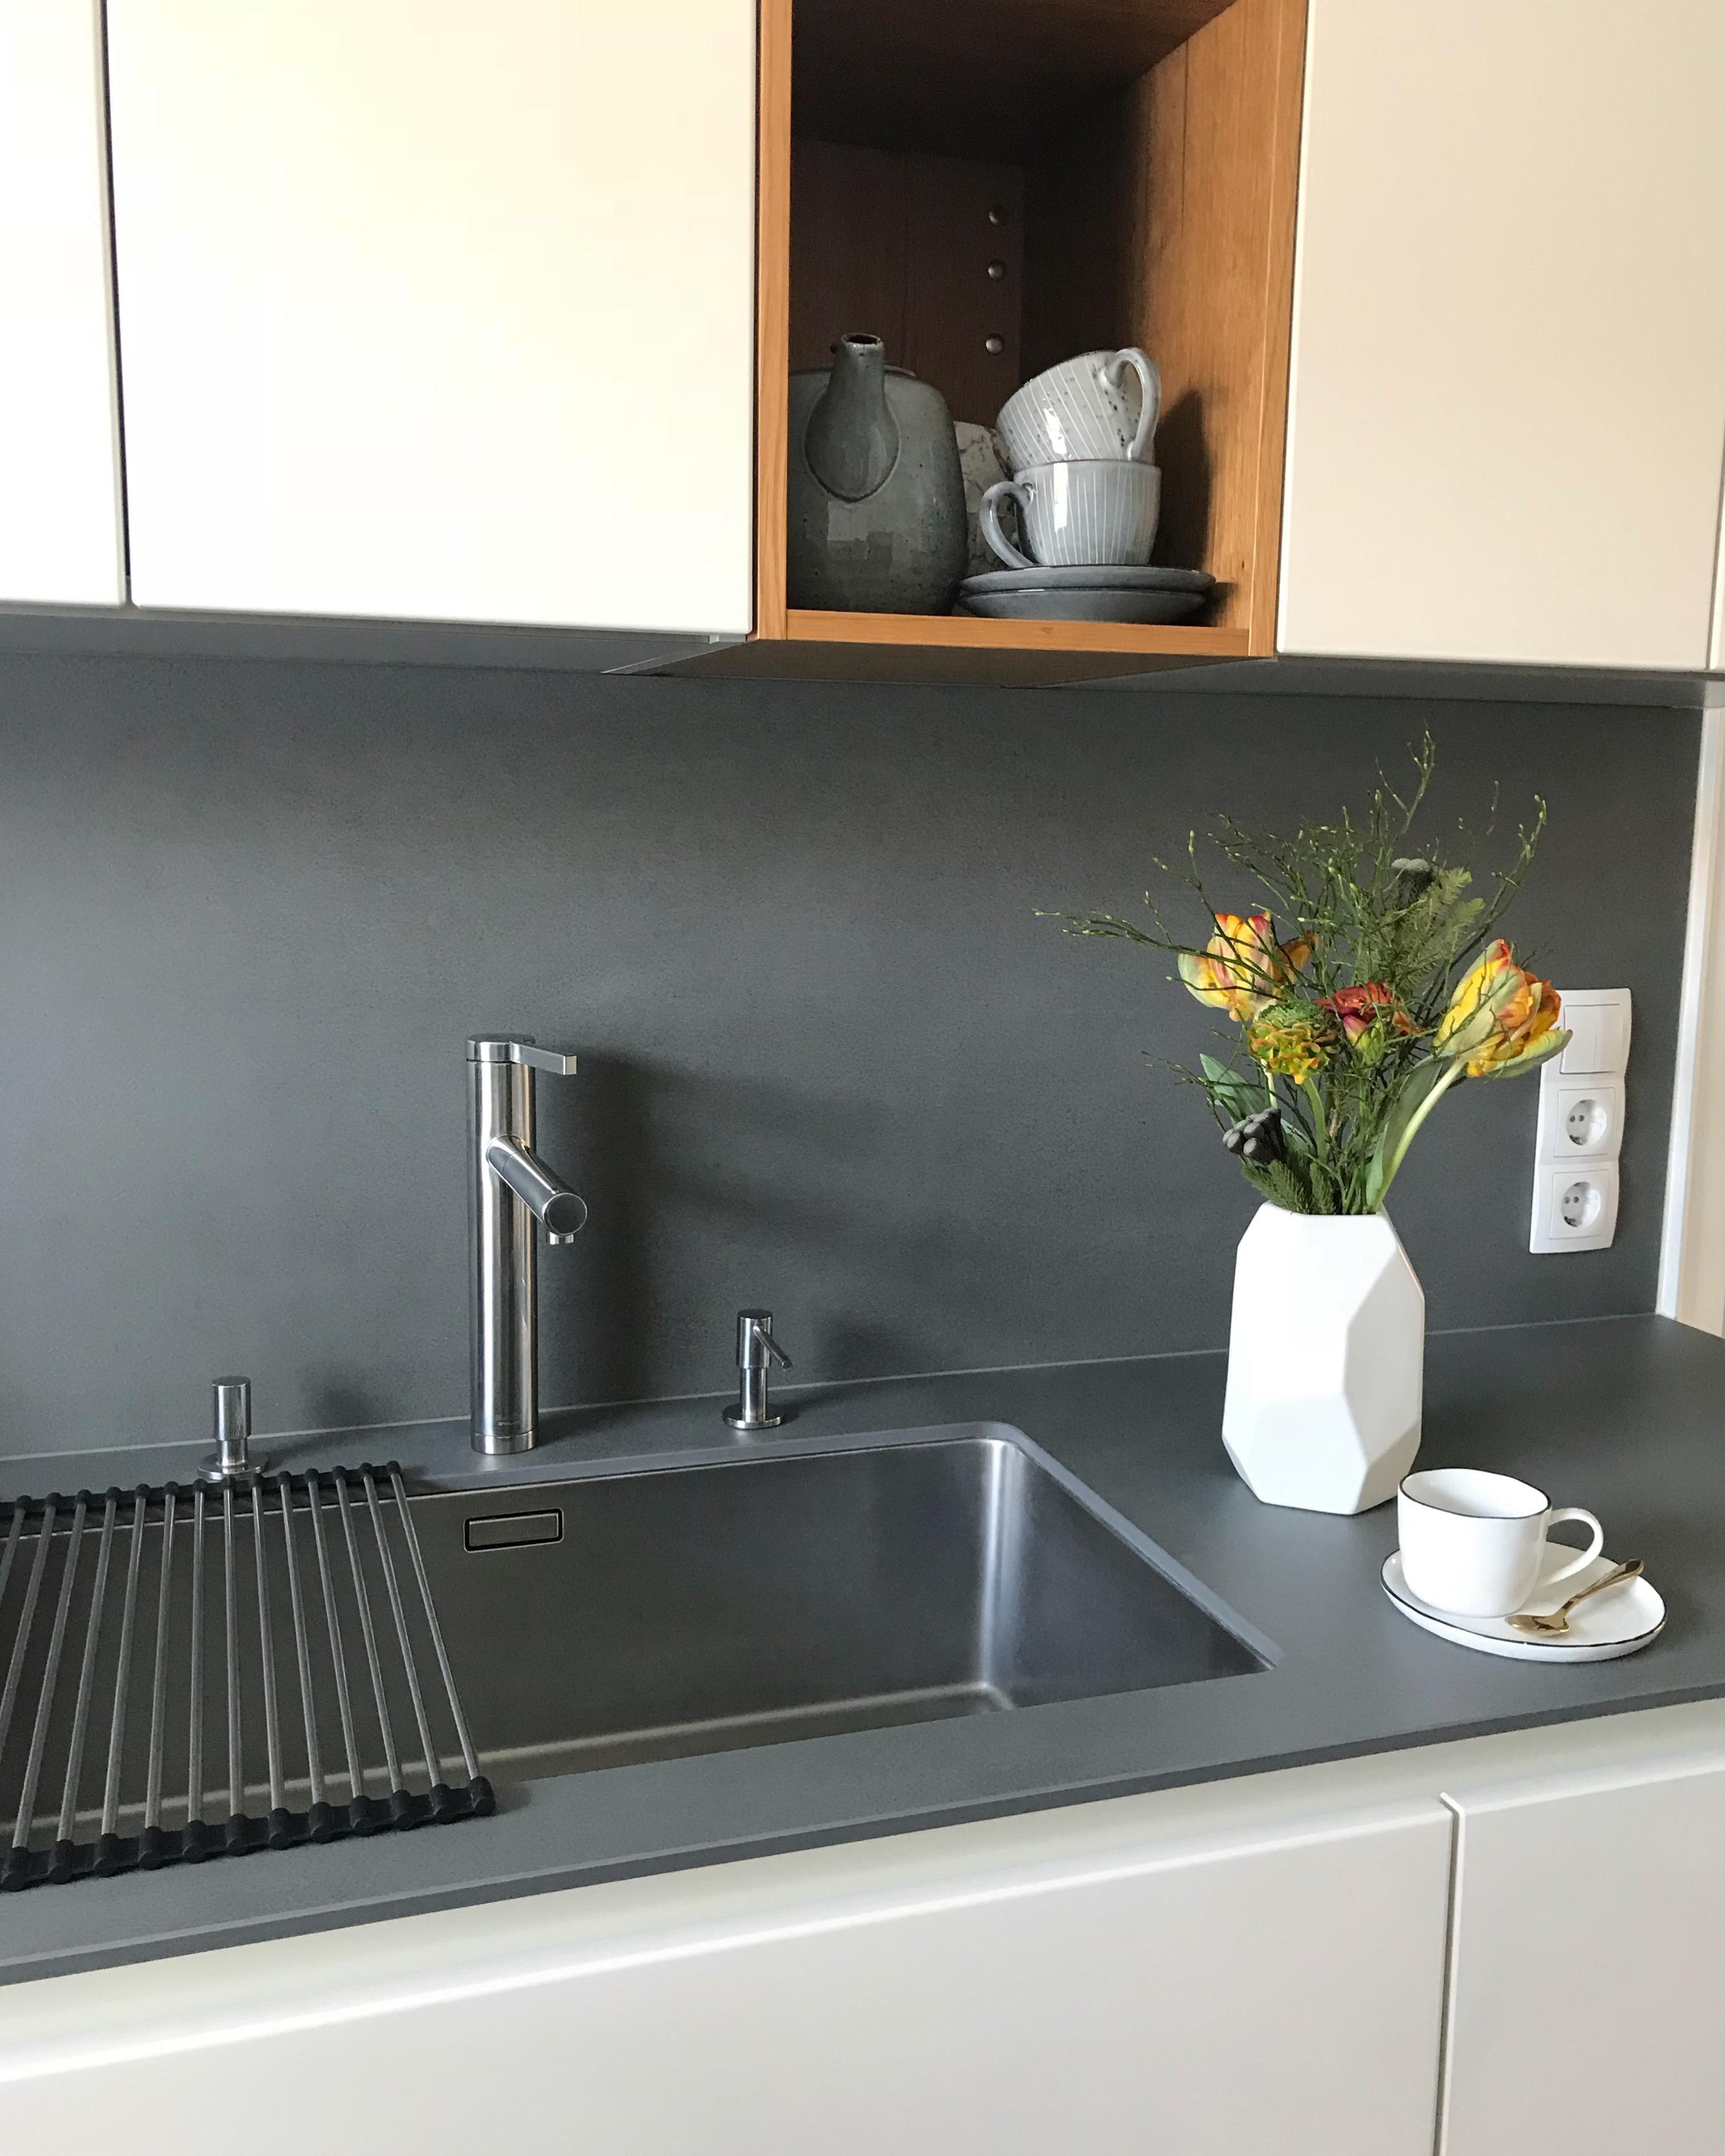 Großzügig Ideen Für Kleine Küchen Fotos - Die Besten Wohnideen ...